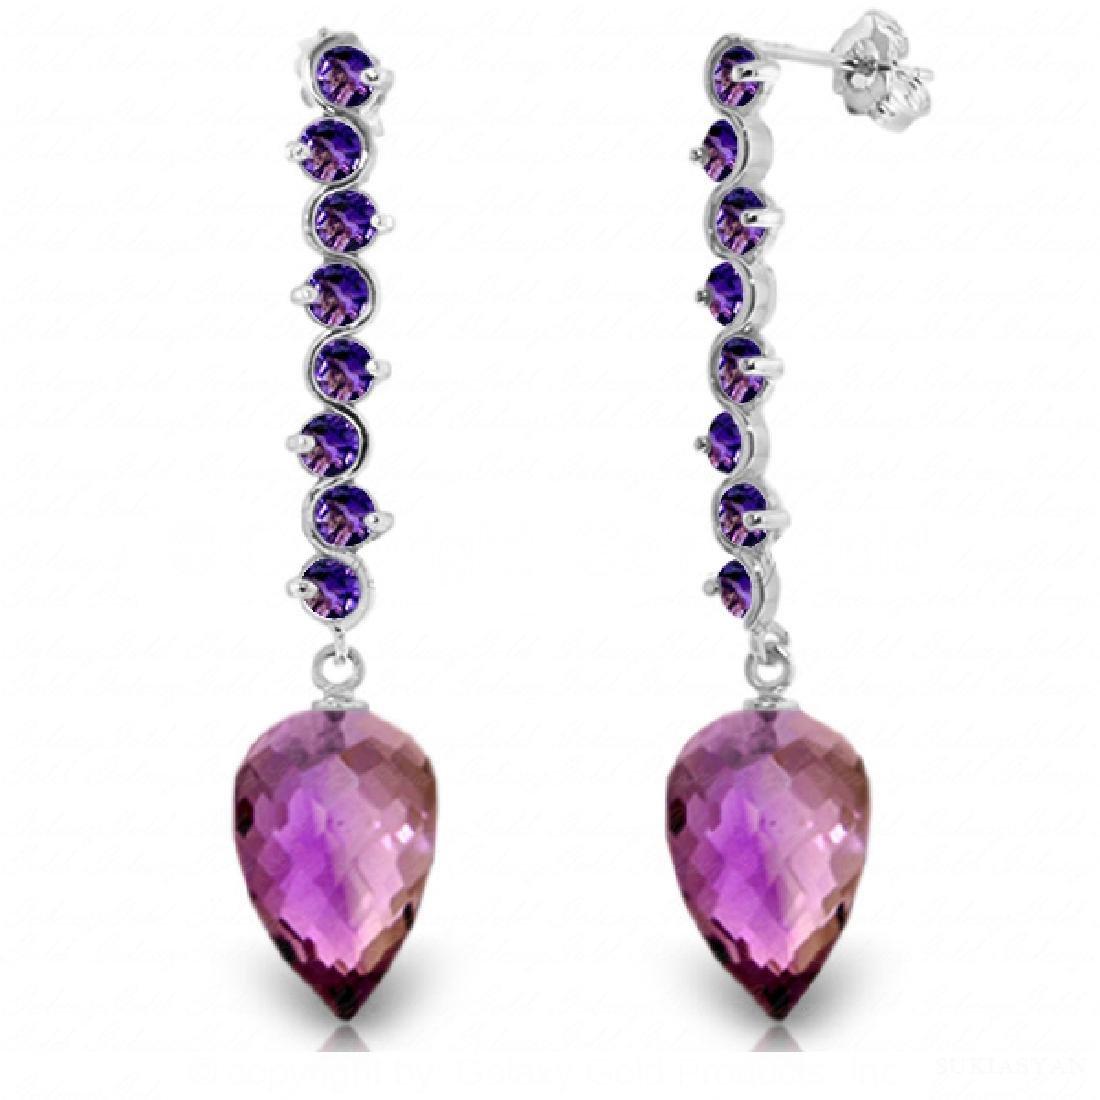 Genuine 22.1 ctw Amethyst Earrings Jewelry 14KT White